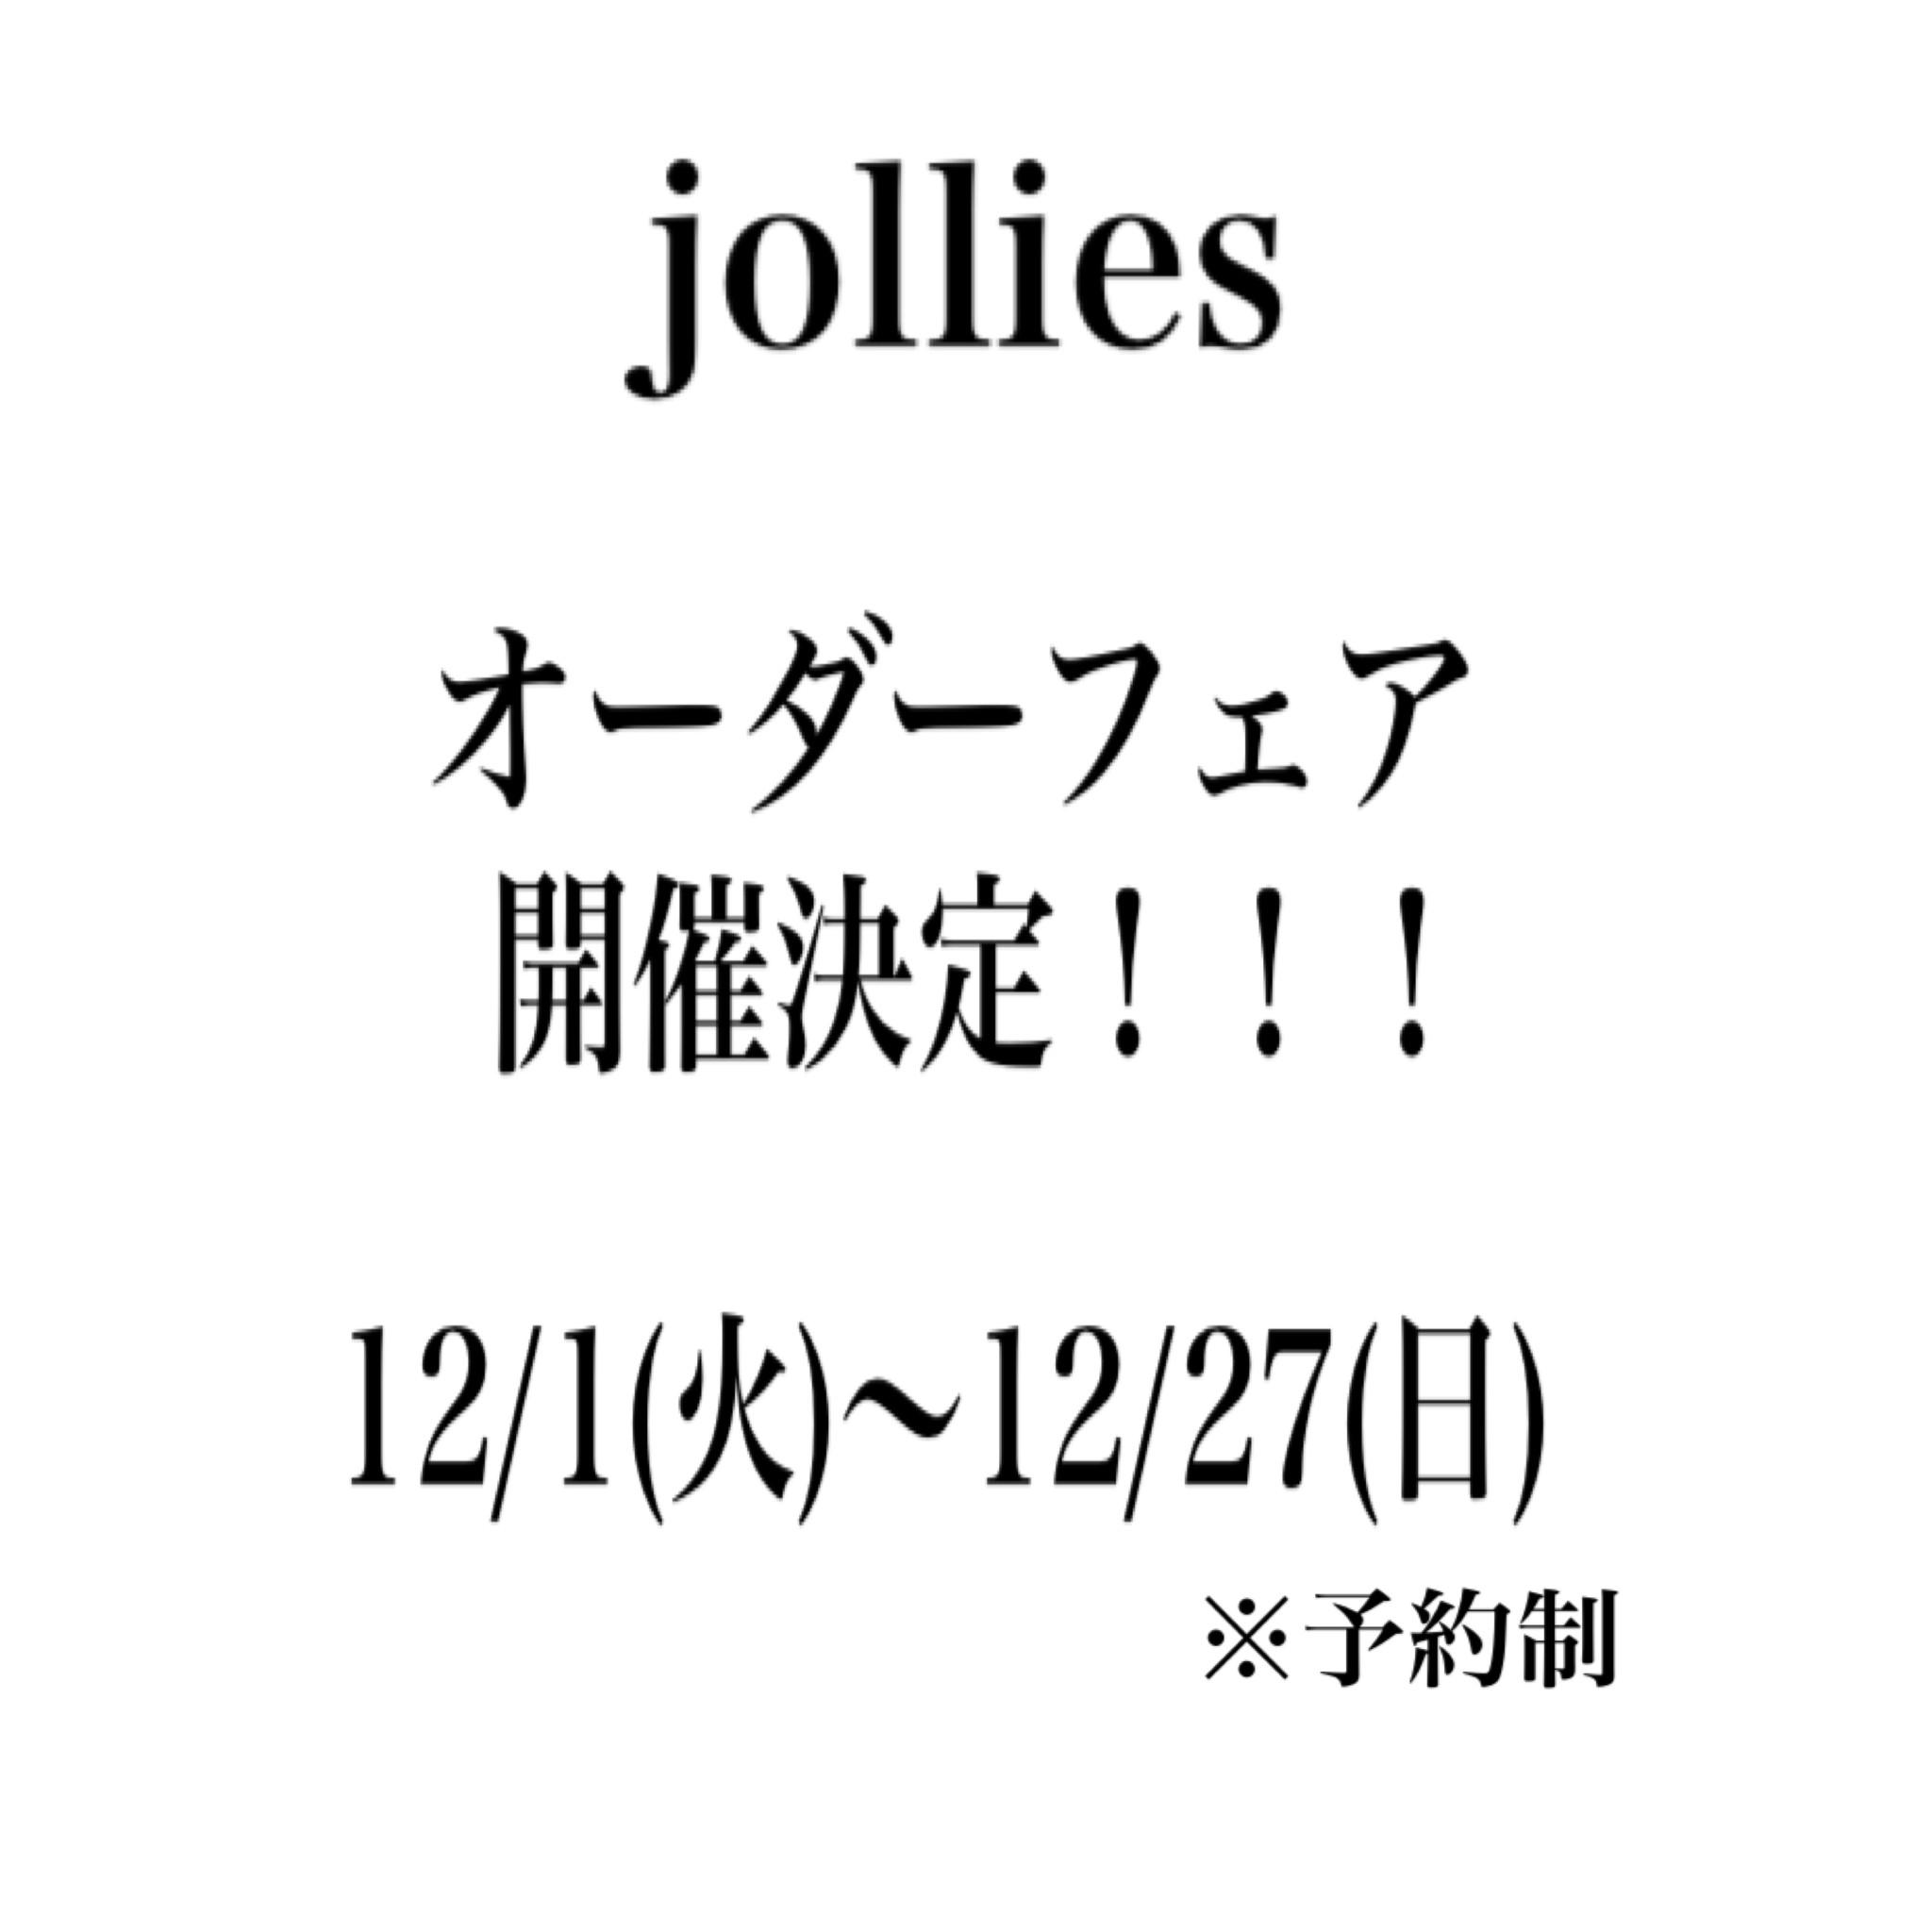 オーダーフェア開催決定!!!